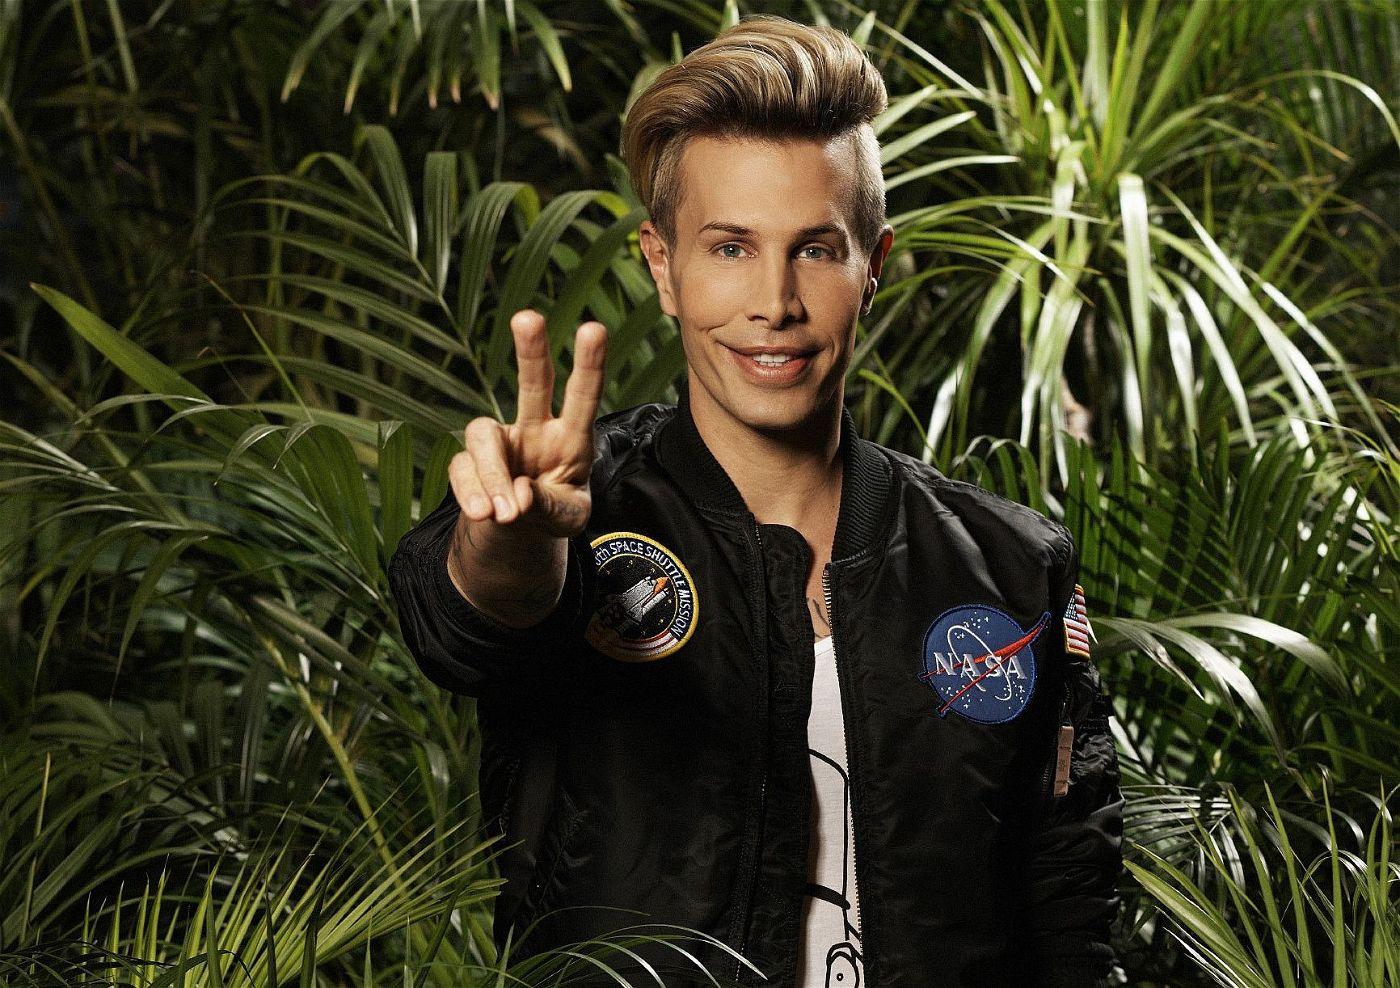 """Florian Wess ist ein """"It-Boy"""" und möchte im Dschungel zeigen, dass er eine eigenständige Person ist. <p><a href=""""https://www.prisma.de/thema/sendung/dschungelcamp,10570079"""">Hier erfahren Sie mehr rund um das Dschungelcamp, die Kandidaten und Sendezeiten</a>.</p>"""